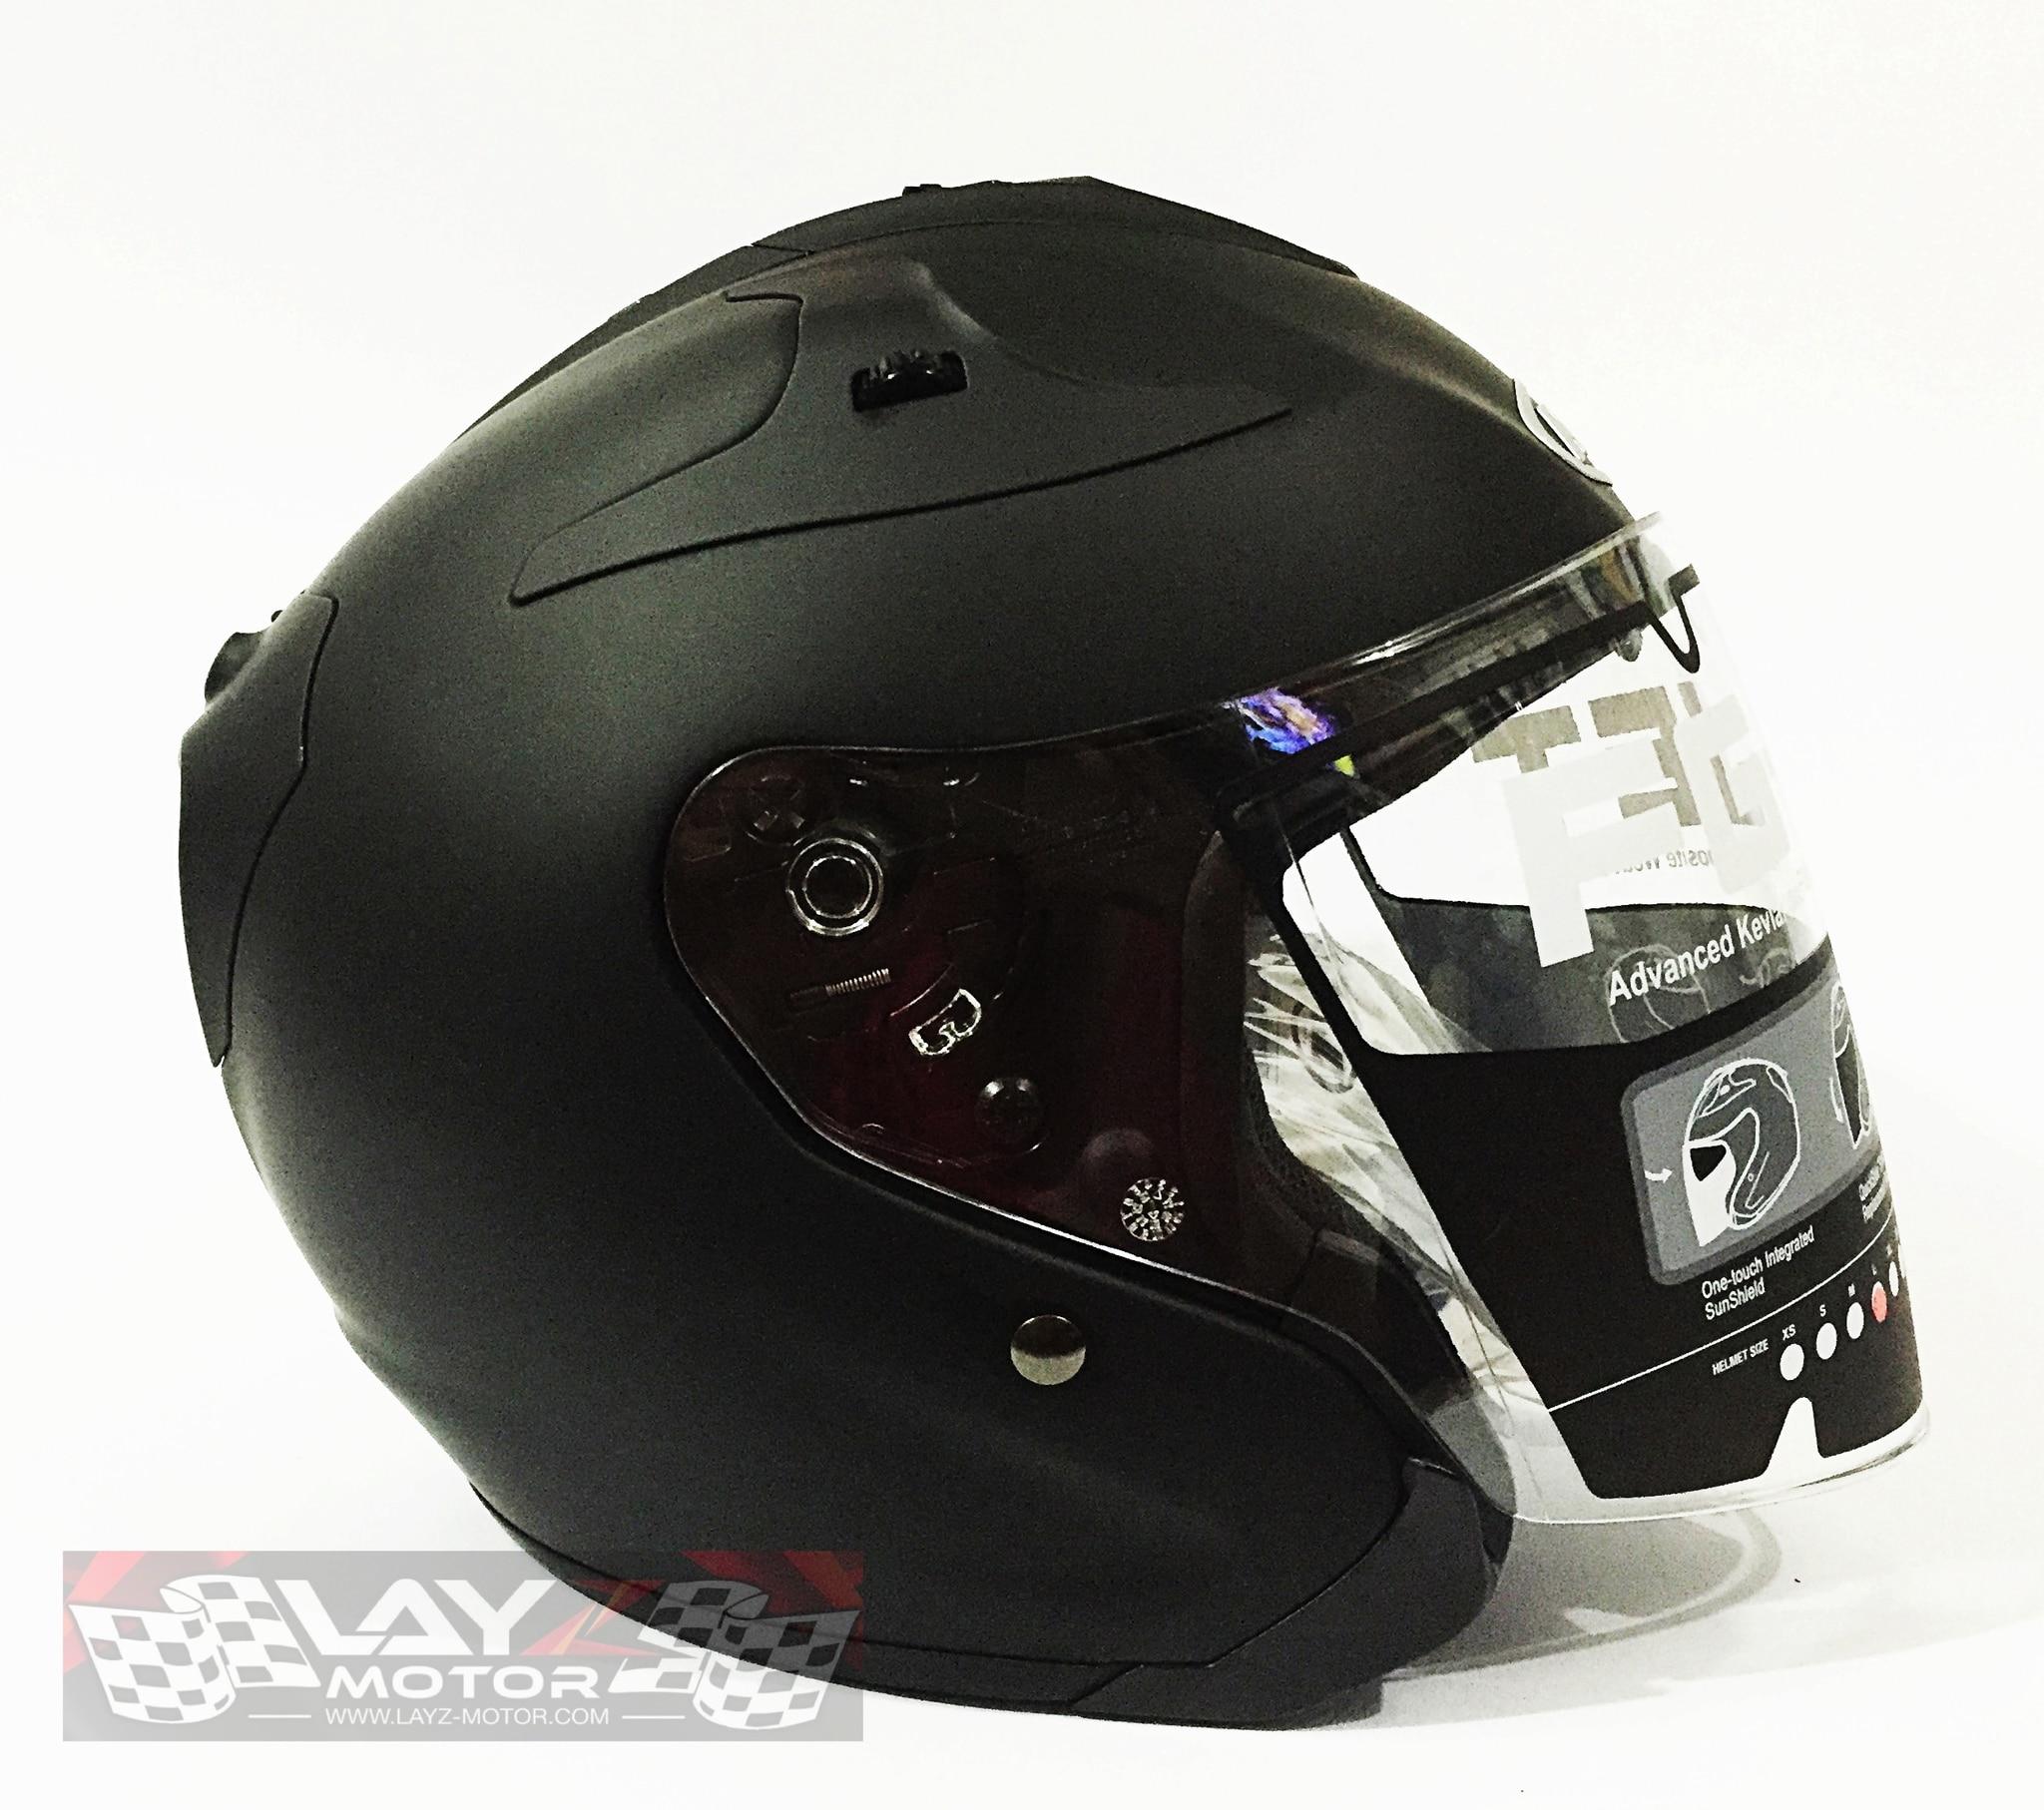 jual helm half face hjc fg jet matte black layz motor tokopedia. Black Bedroom Furniture Sets. Home Design Ideas